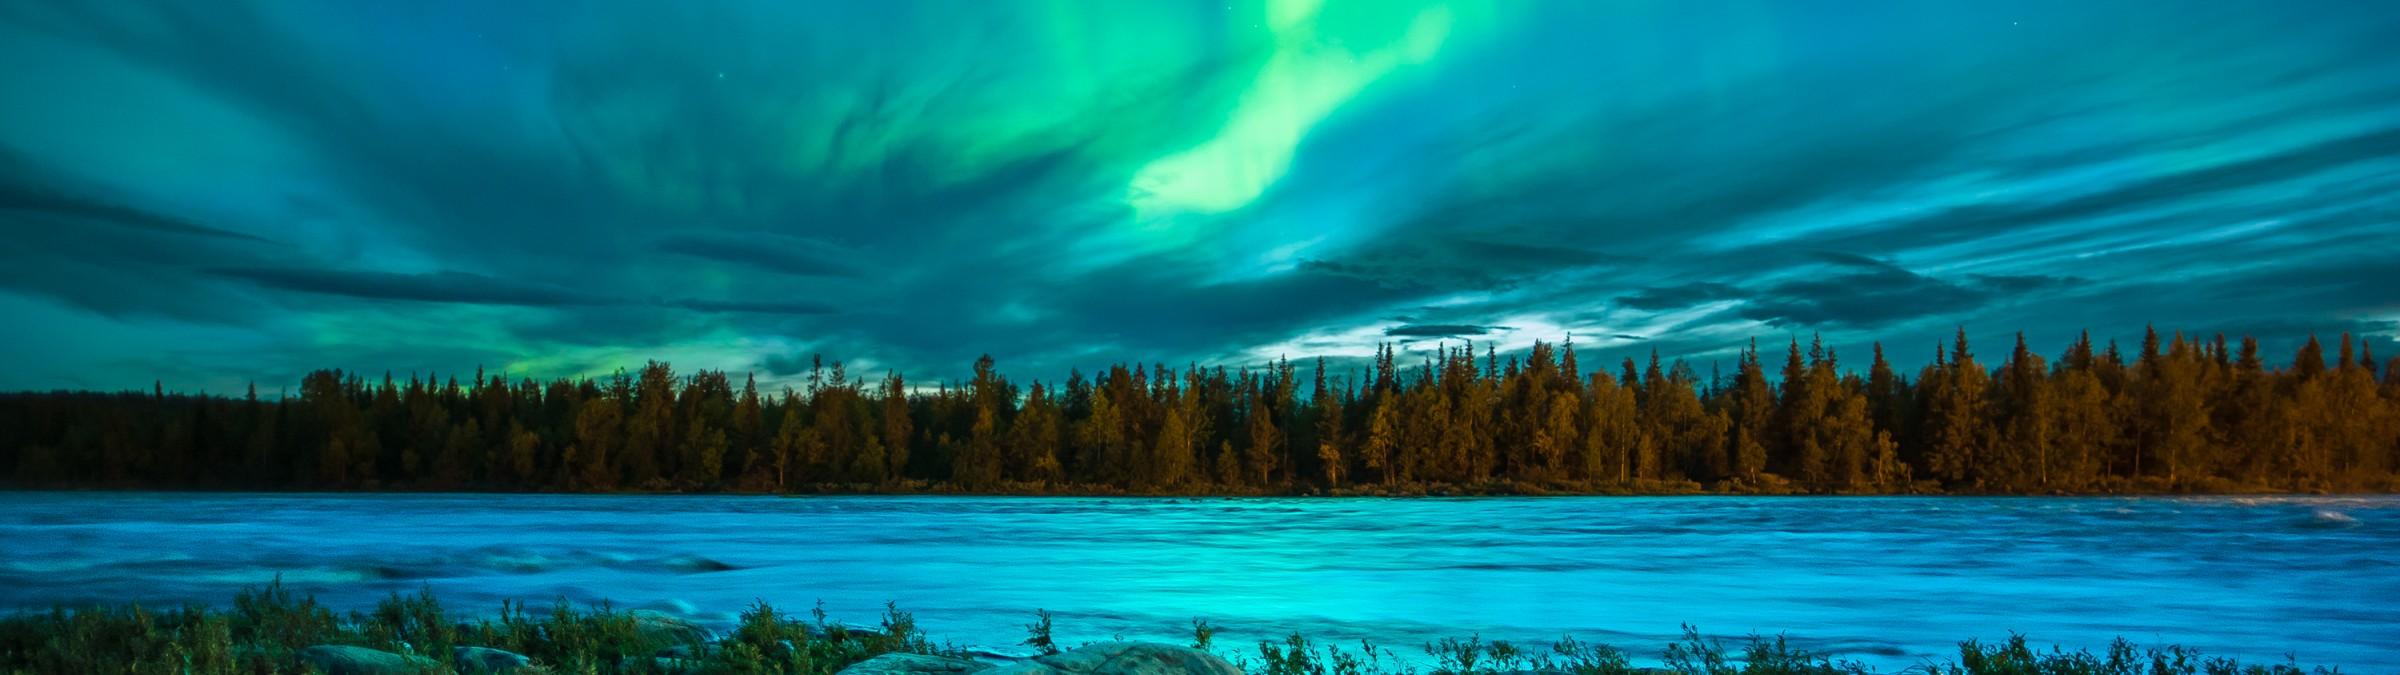 2016, August, aurora borealis 2016, Credit - Antti Pietikainen, Finland